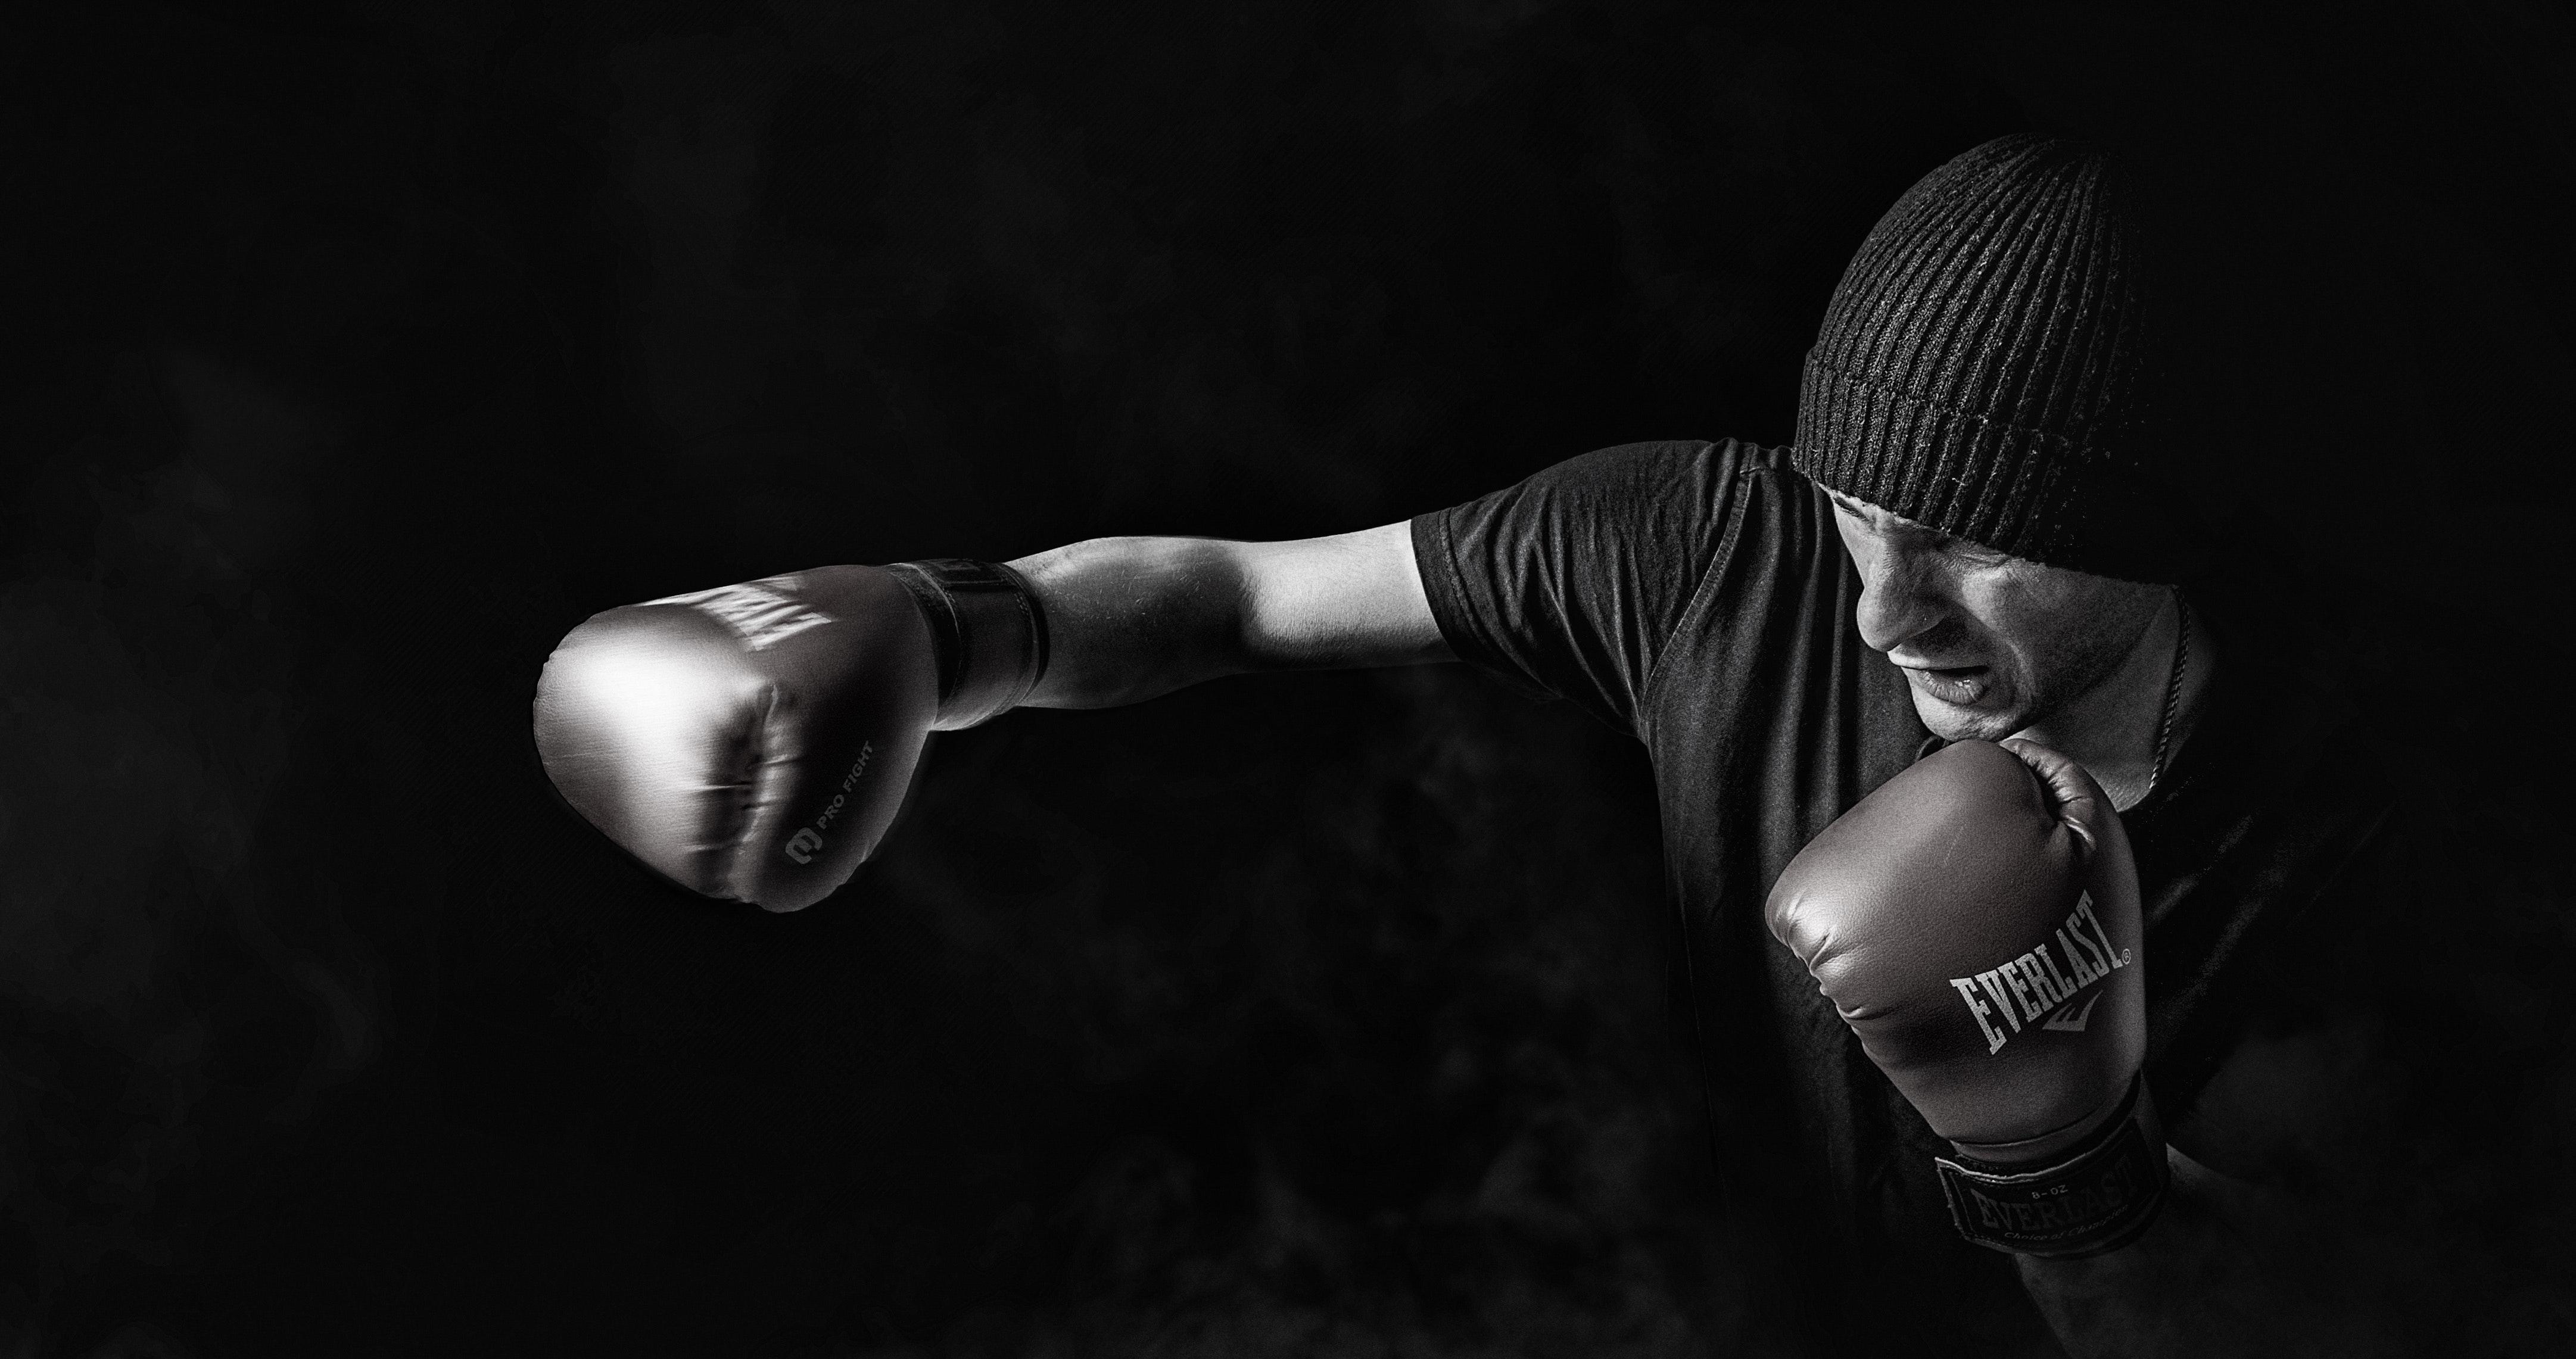 堤駿斗(プロボクシング選手)のwiki風プロフ(階級や身長など)世界ユースの天才の戦績は?弟もプロの選手?